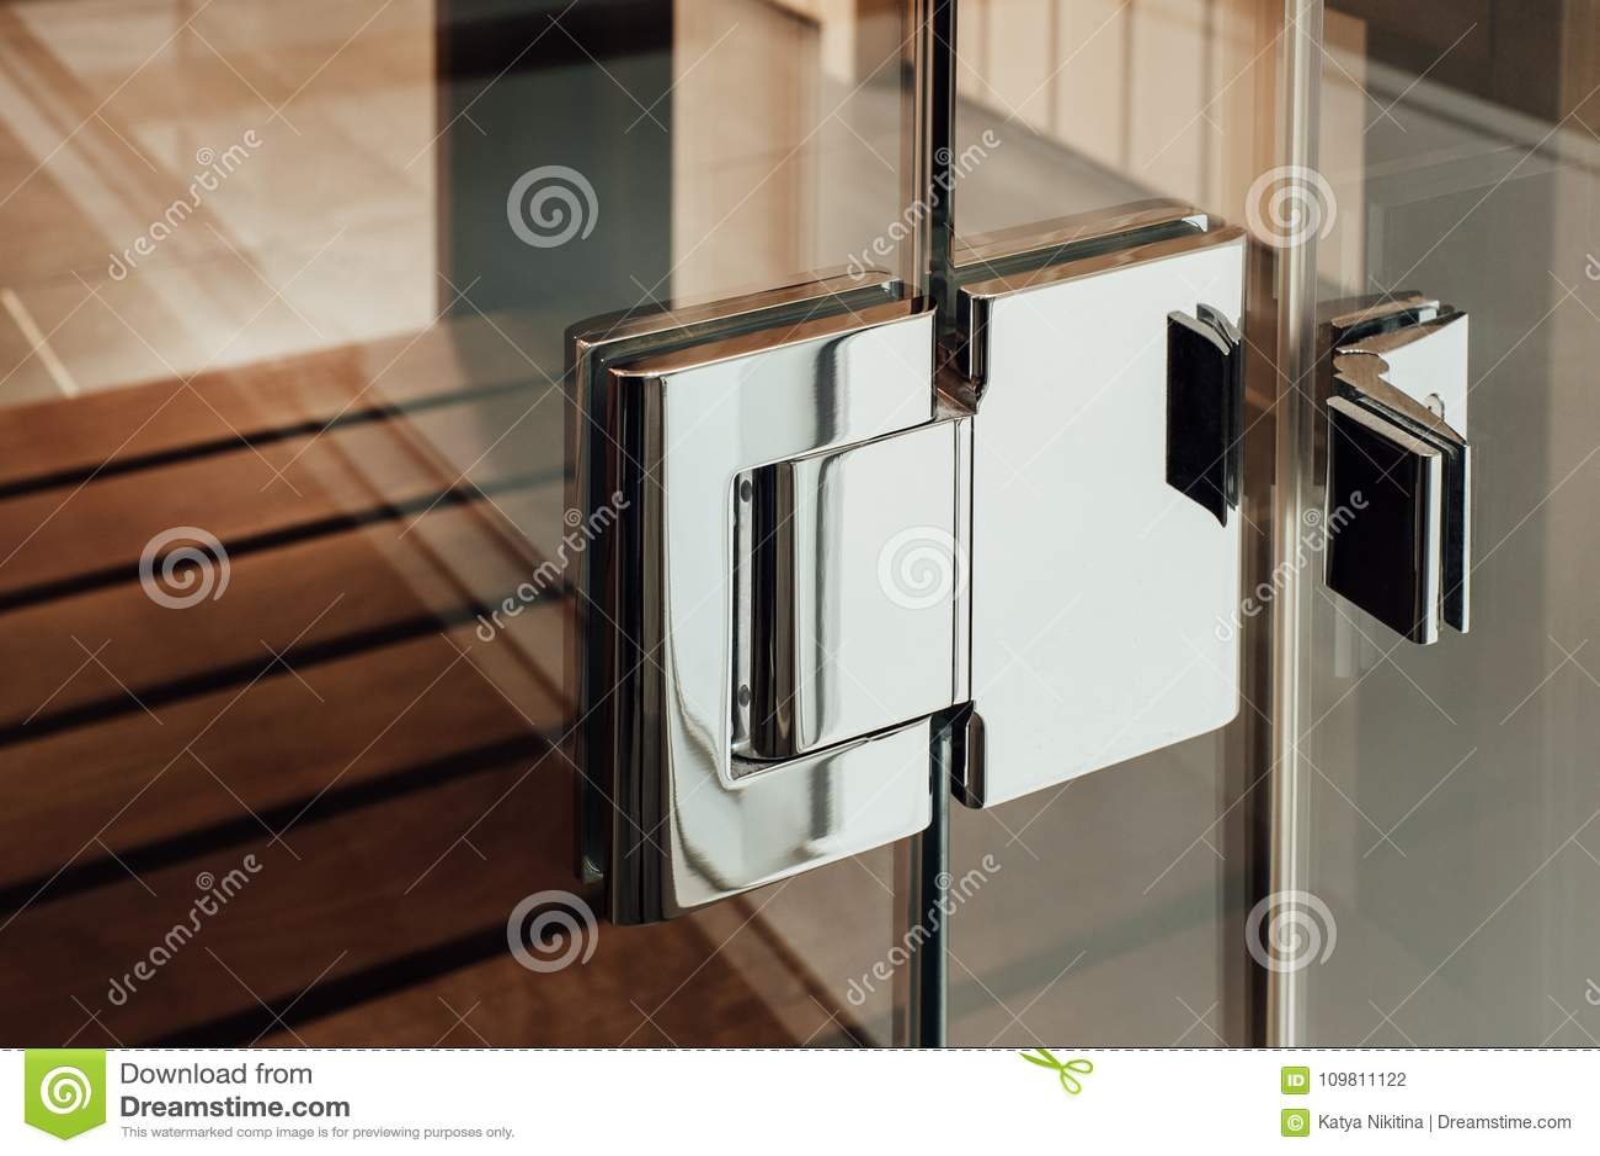 Das Glastürmetallscharnier Für Die Sauna, Das Badezimmer Oder Die ...